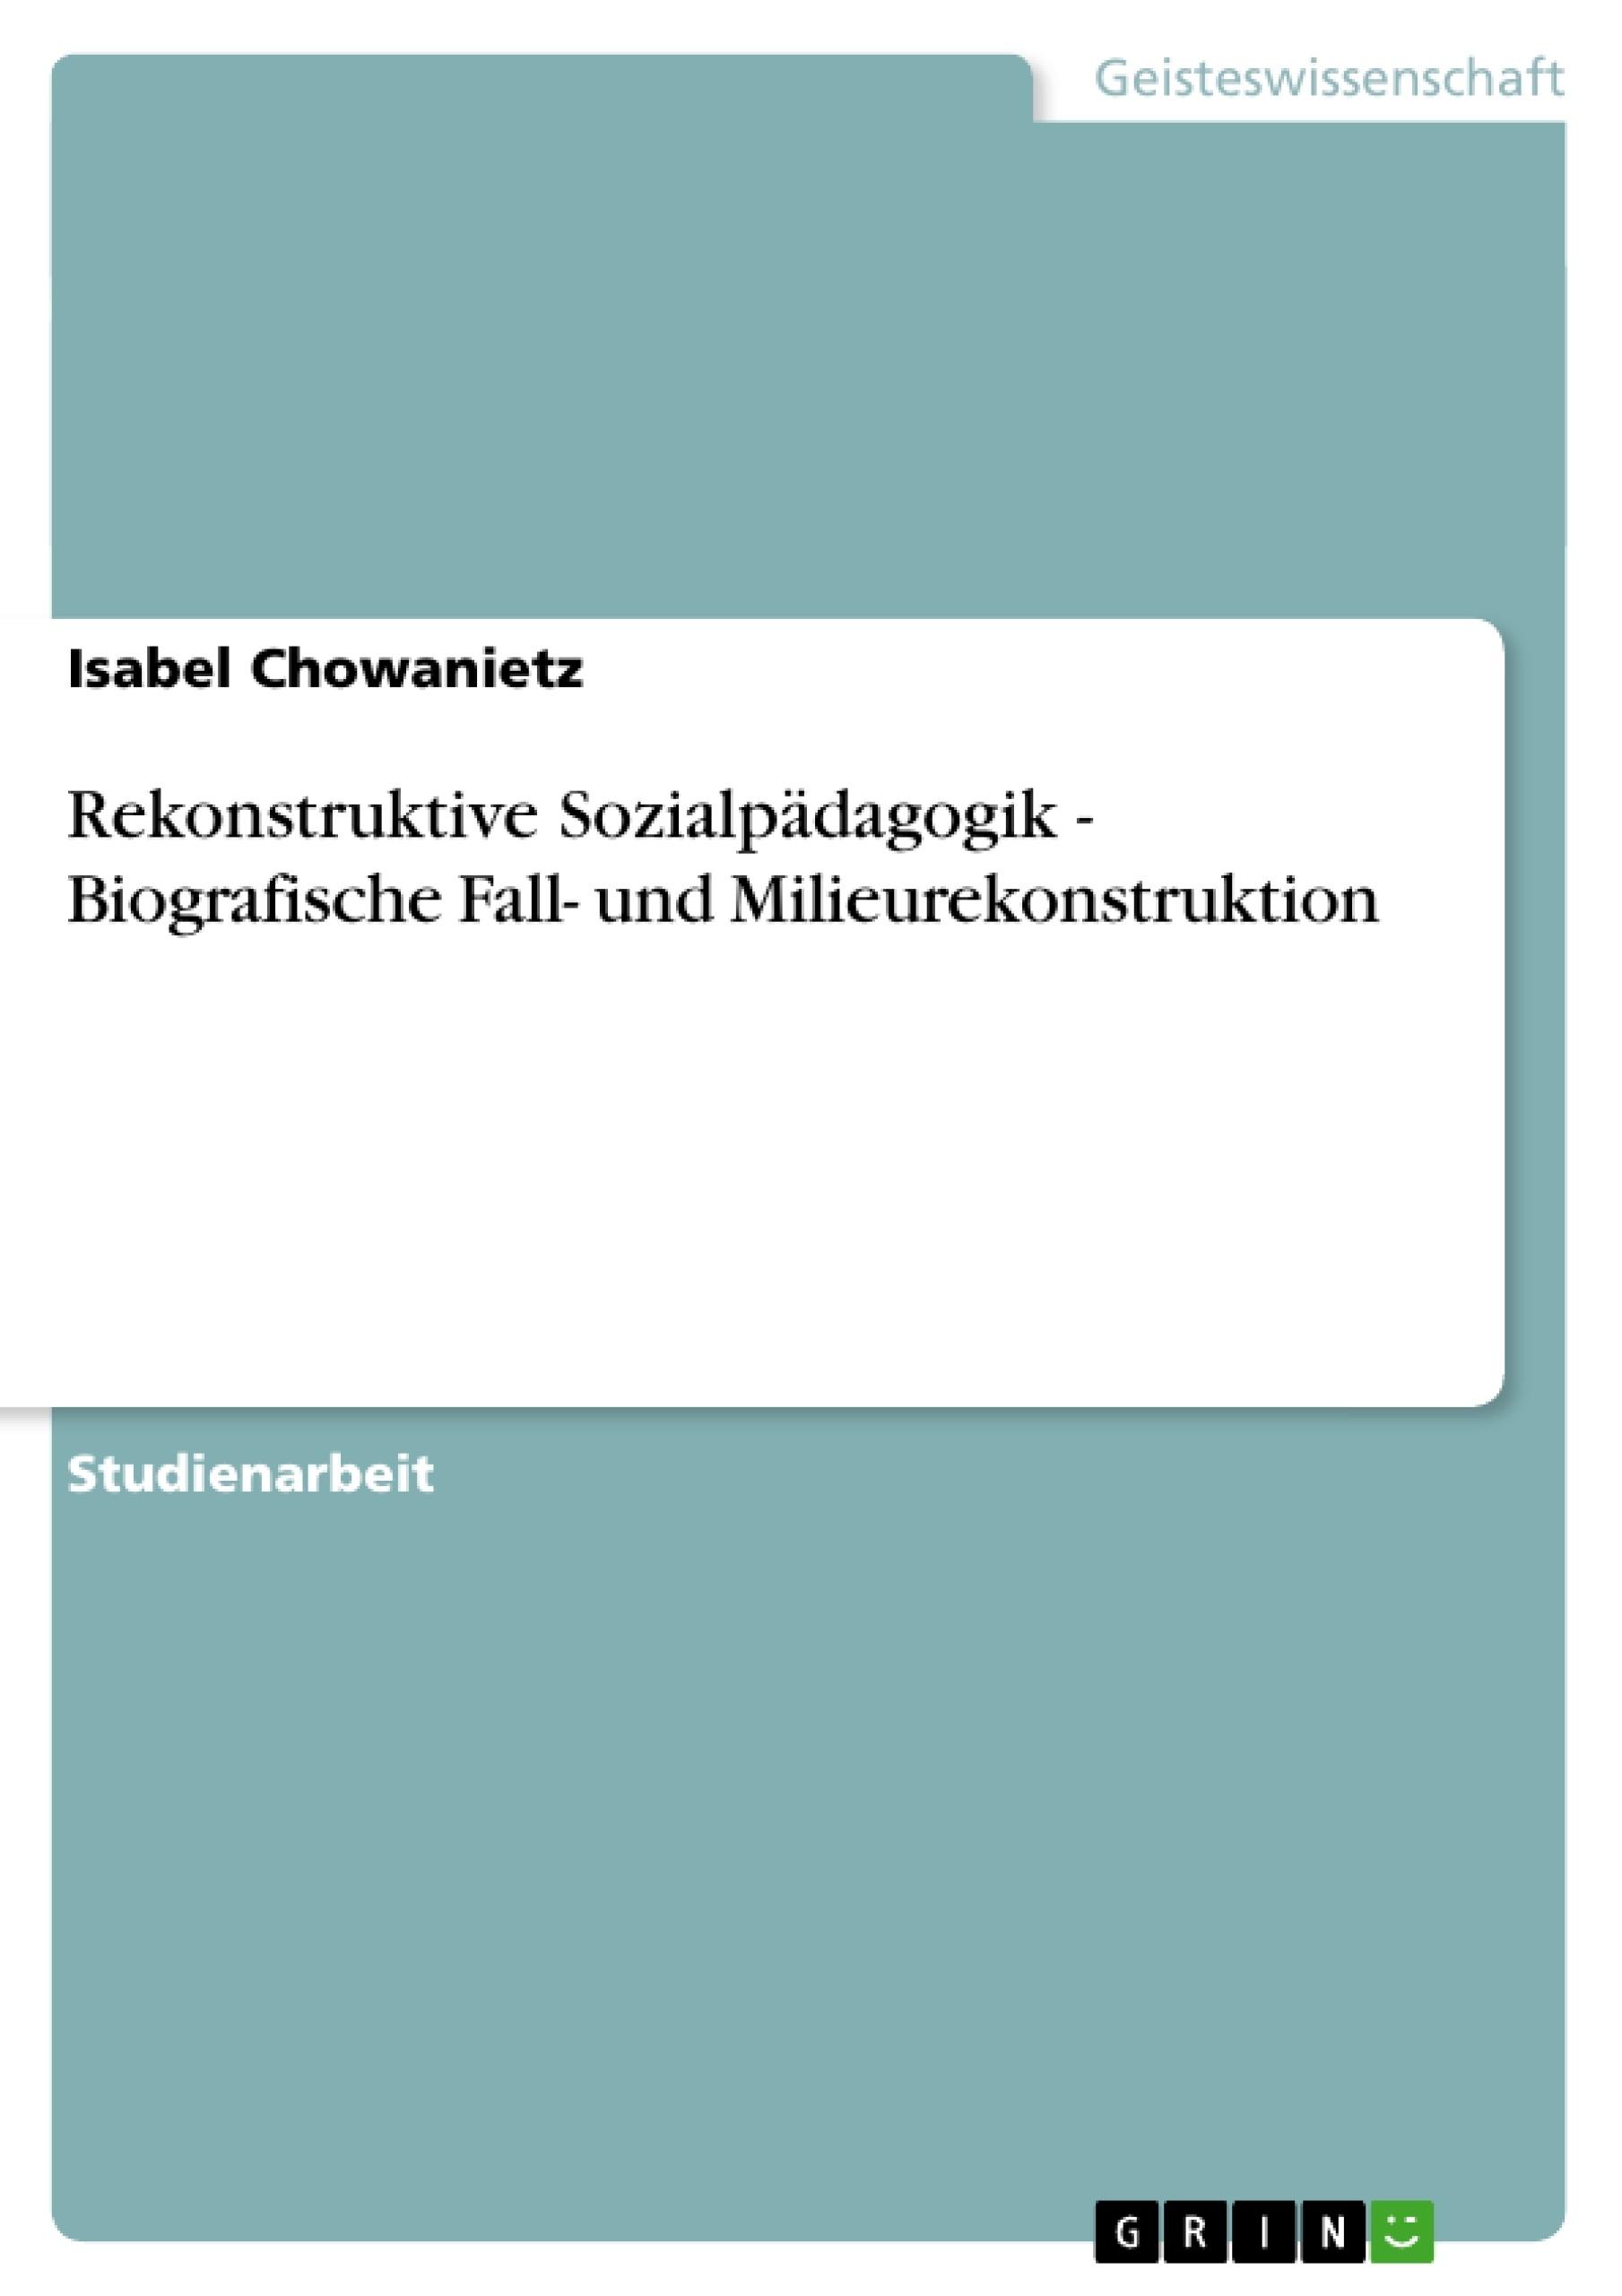 Titel: Rekonstruktive Sozialpädagogik - Biografische Fall- und Milieurekonstruktion